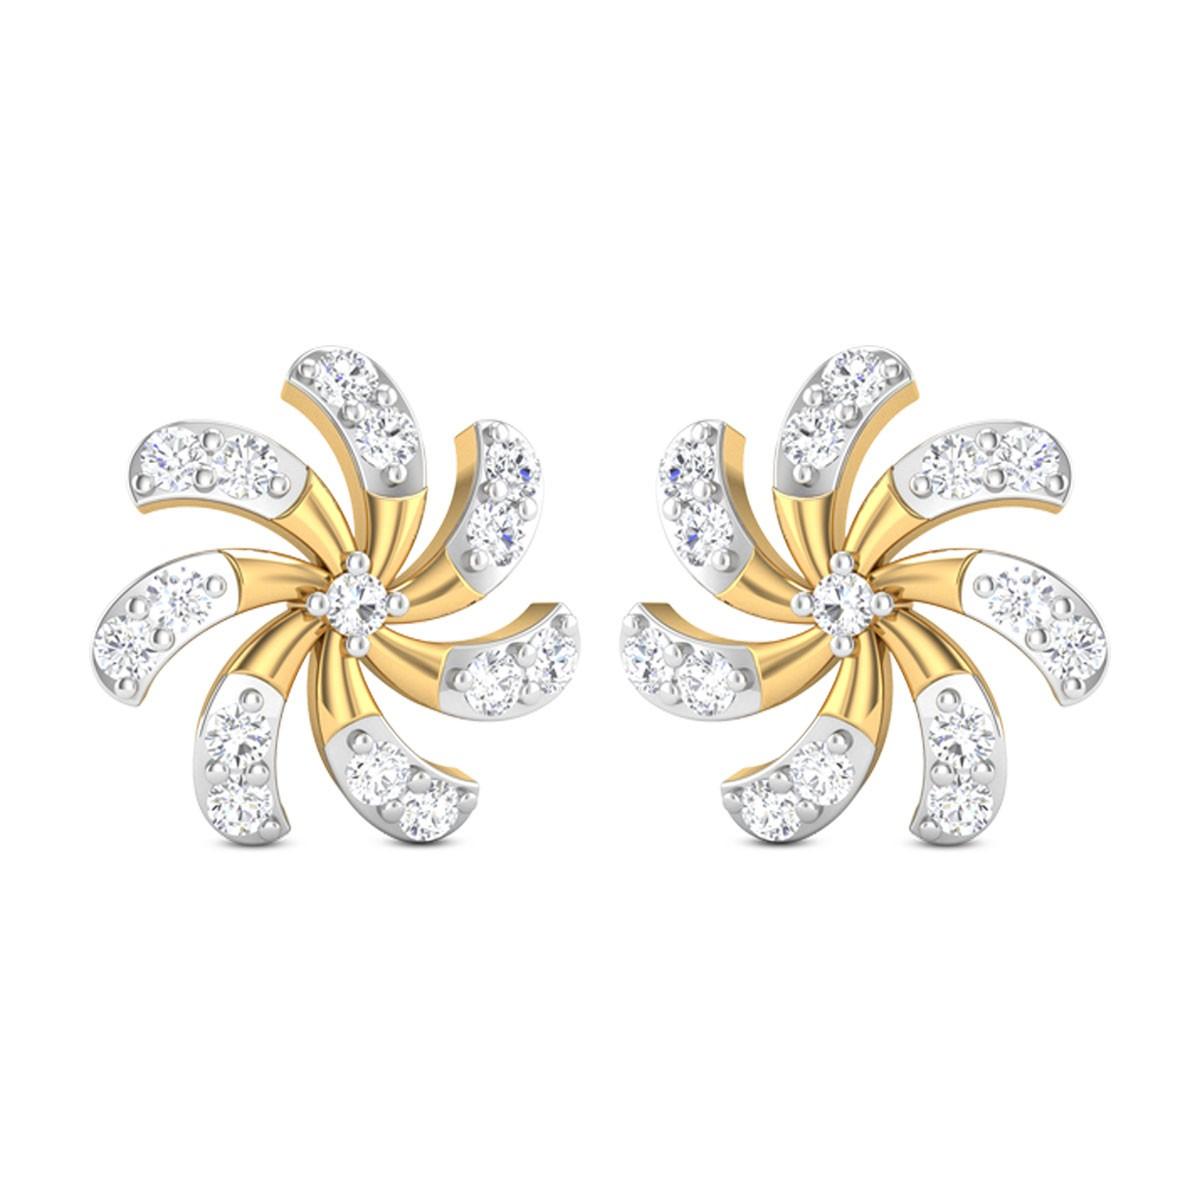 Floramaria Stud Earrings